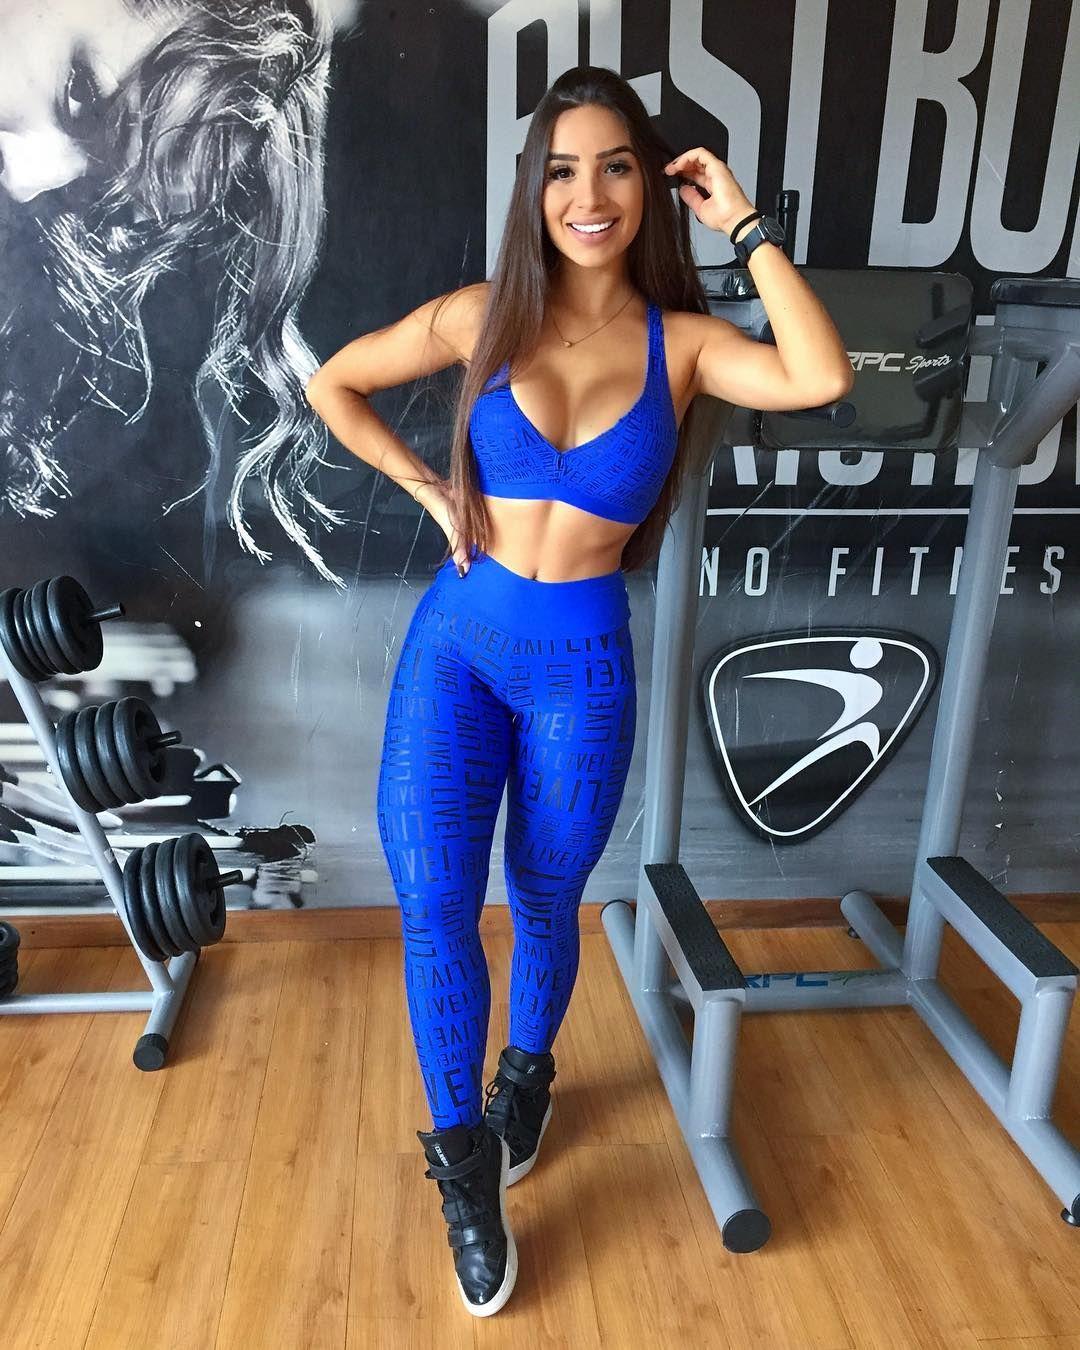 847b17158 Pin de Janelle Trento em Fitness